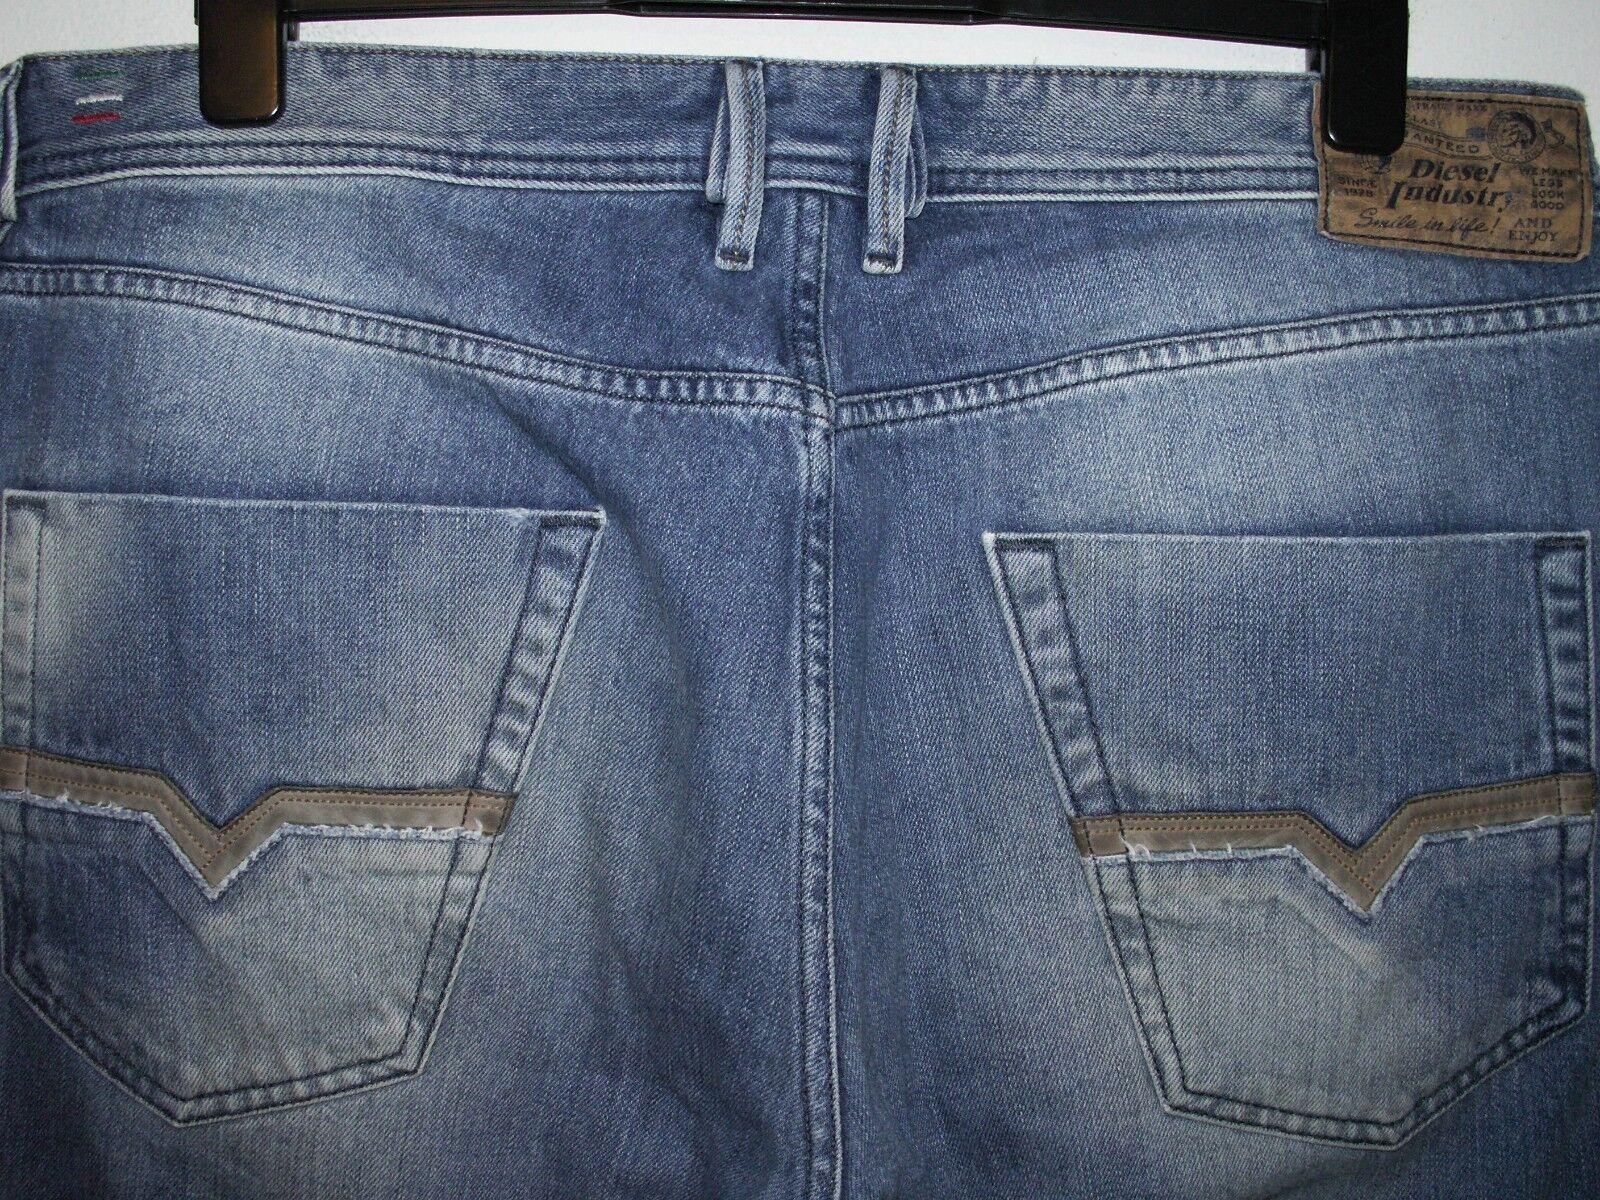 DIESEL zhavee avviocut Jeans 008XZ W36 L32 (5475)